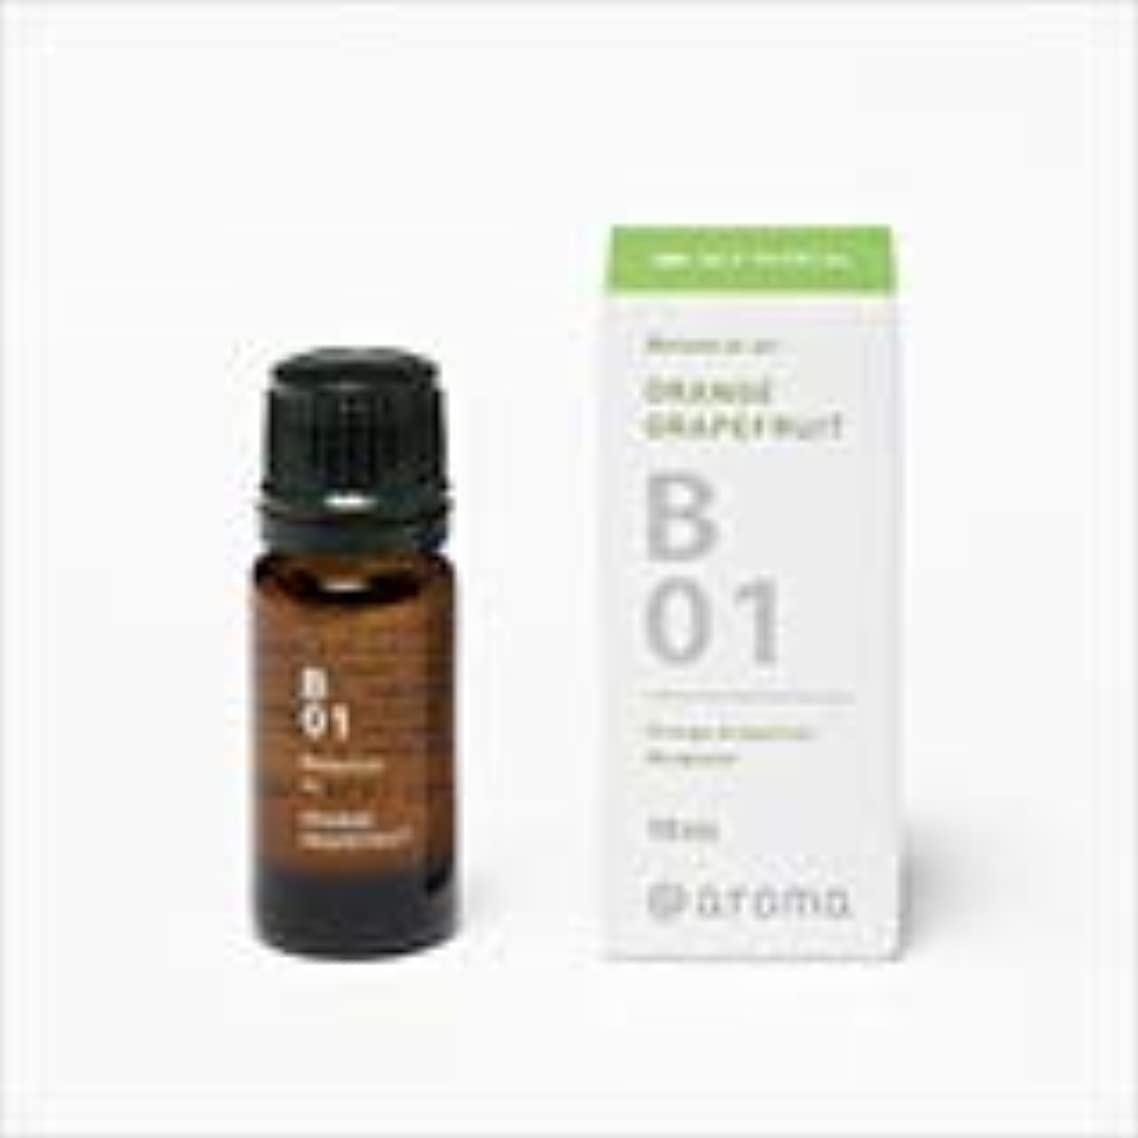 アットアロマ 100%pure essential oil <Botanical air ジュニパーシダー>